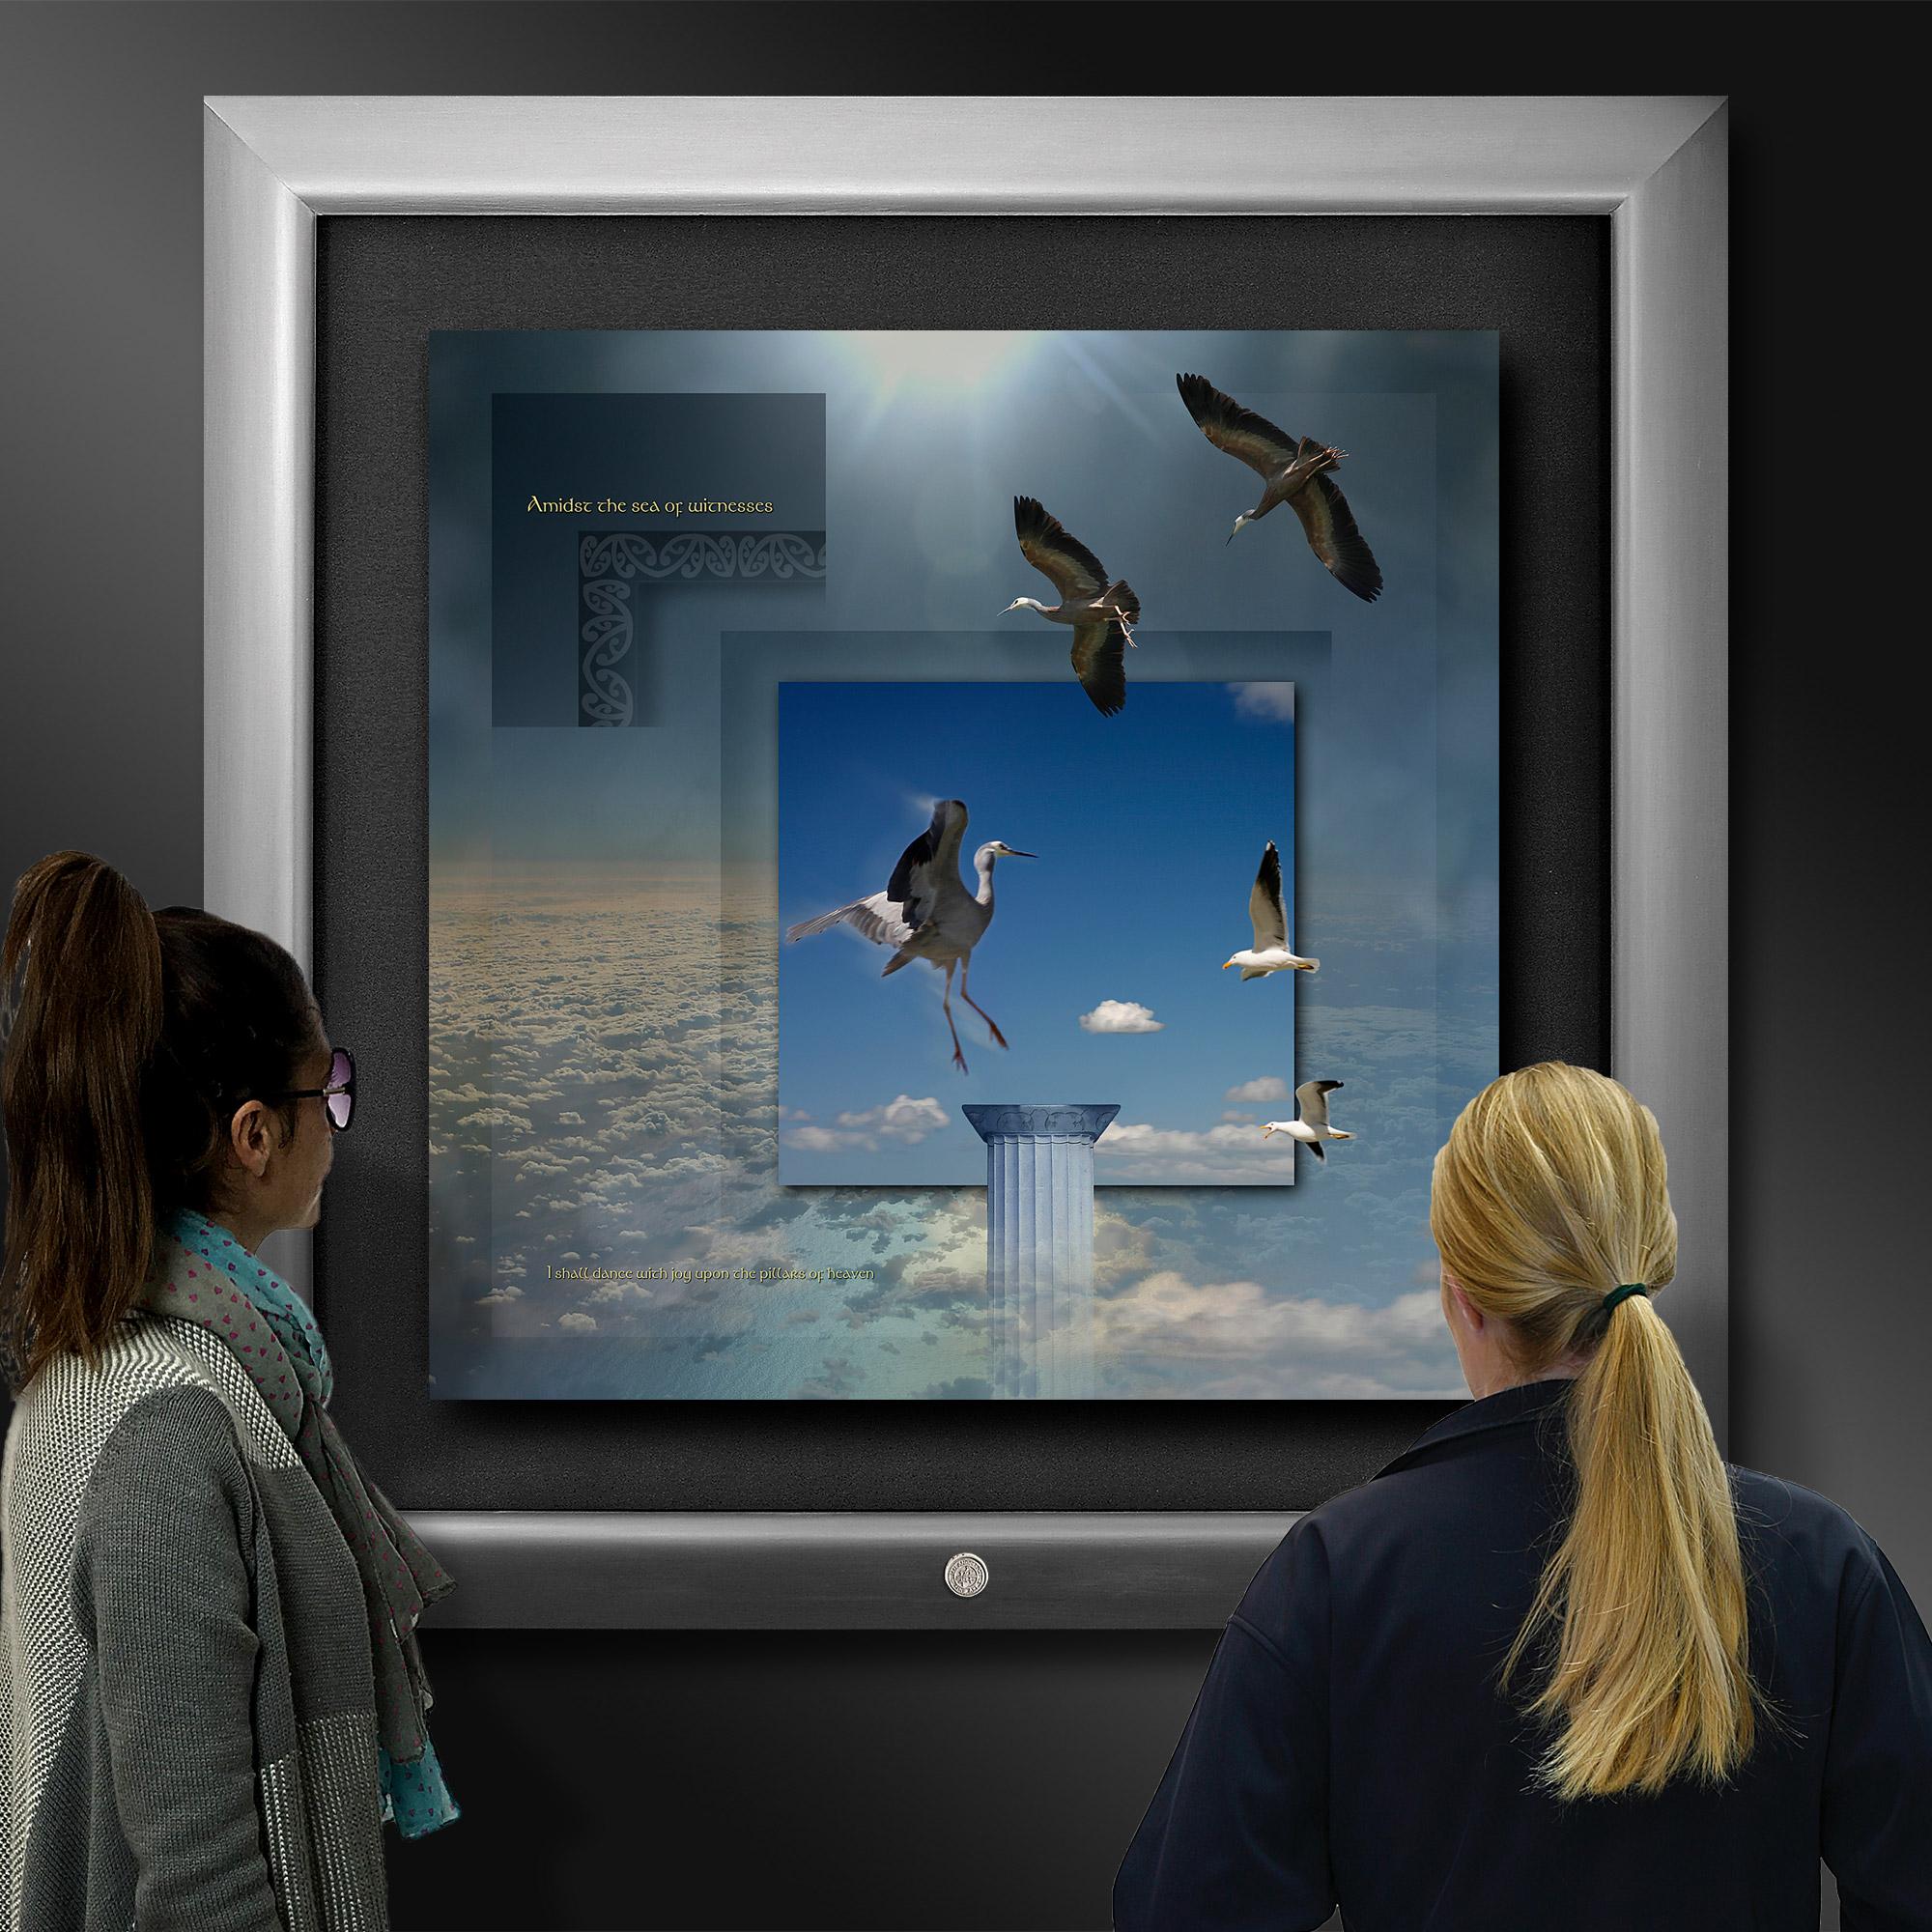 Photo artwork of surreal Heron's in flight, being viewed in an art gallery.